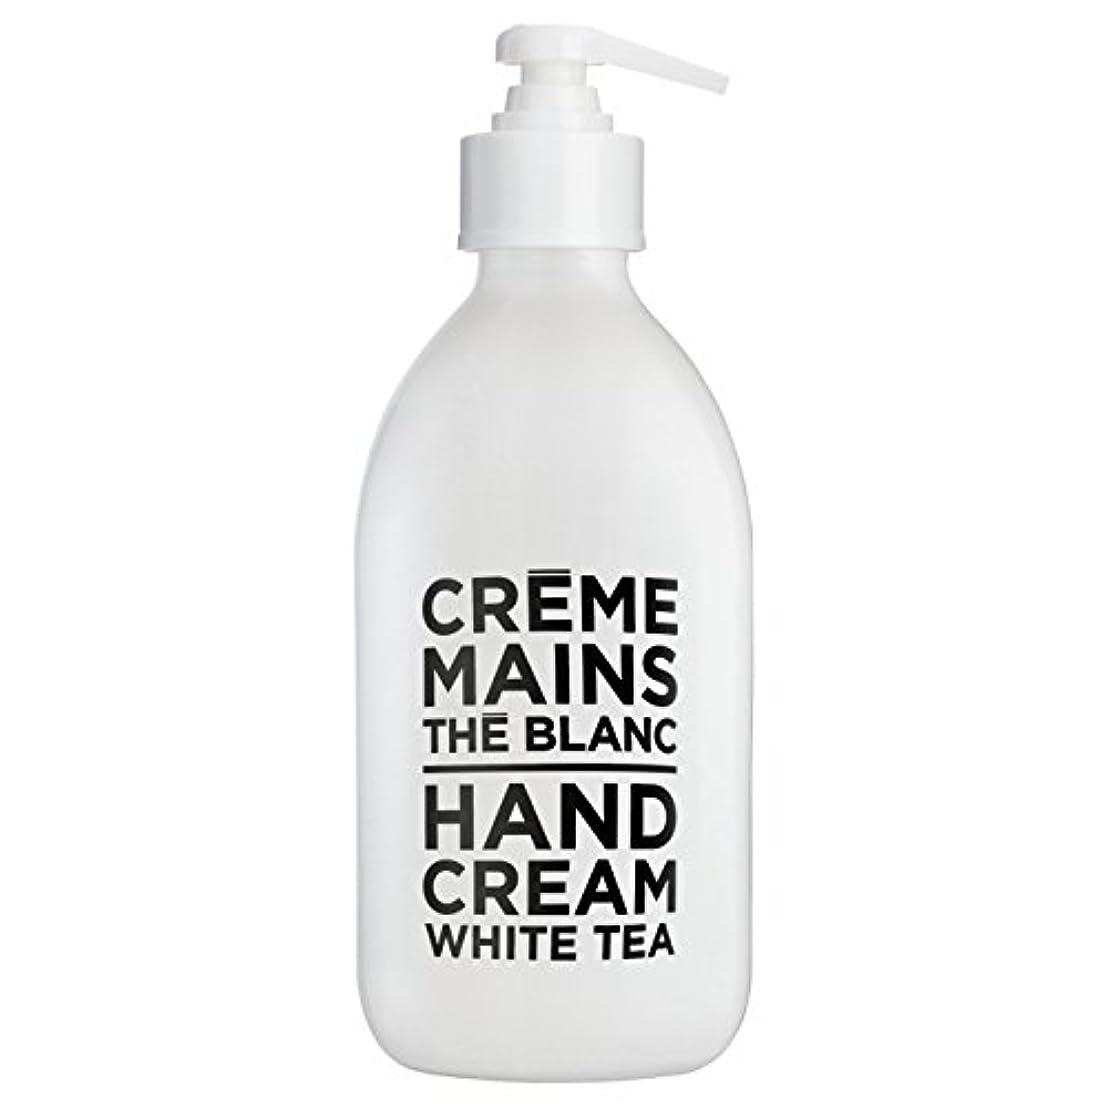 山請う添付カンパニードプロバンス ブラック&ホワイト ハンドクリーム ホワイトティー(ホワイトティーにシトラスを添えた気品ある香り) 300ml